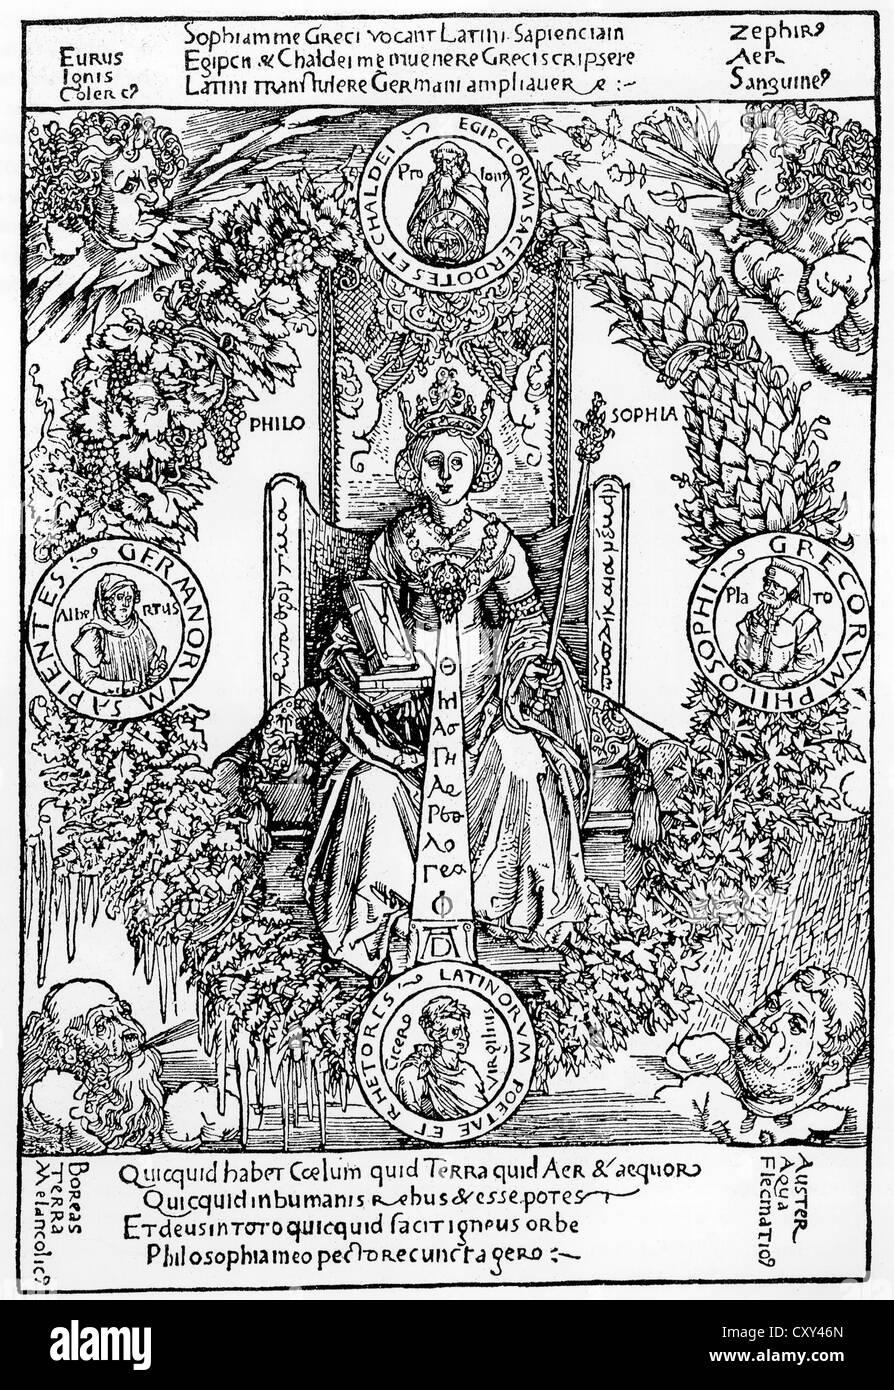 ALBRECHT DÜRER (1471-1528), artista tedesco. Il suo 1502 xilografia personificando la filosofia Immagini Stock